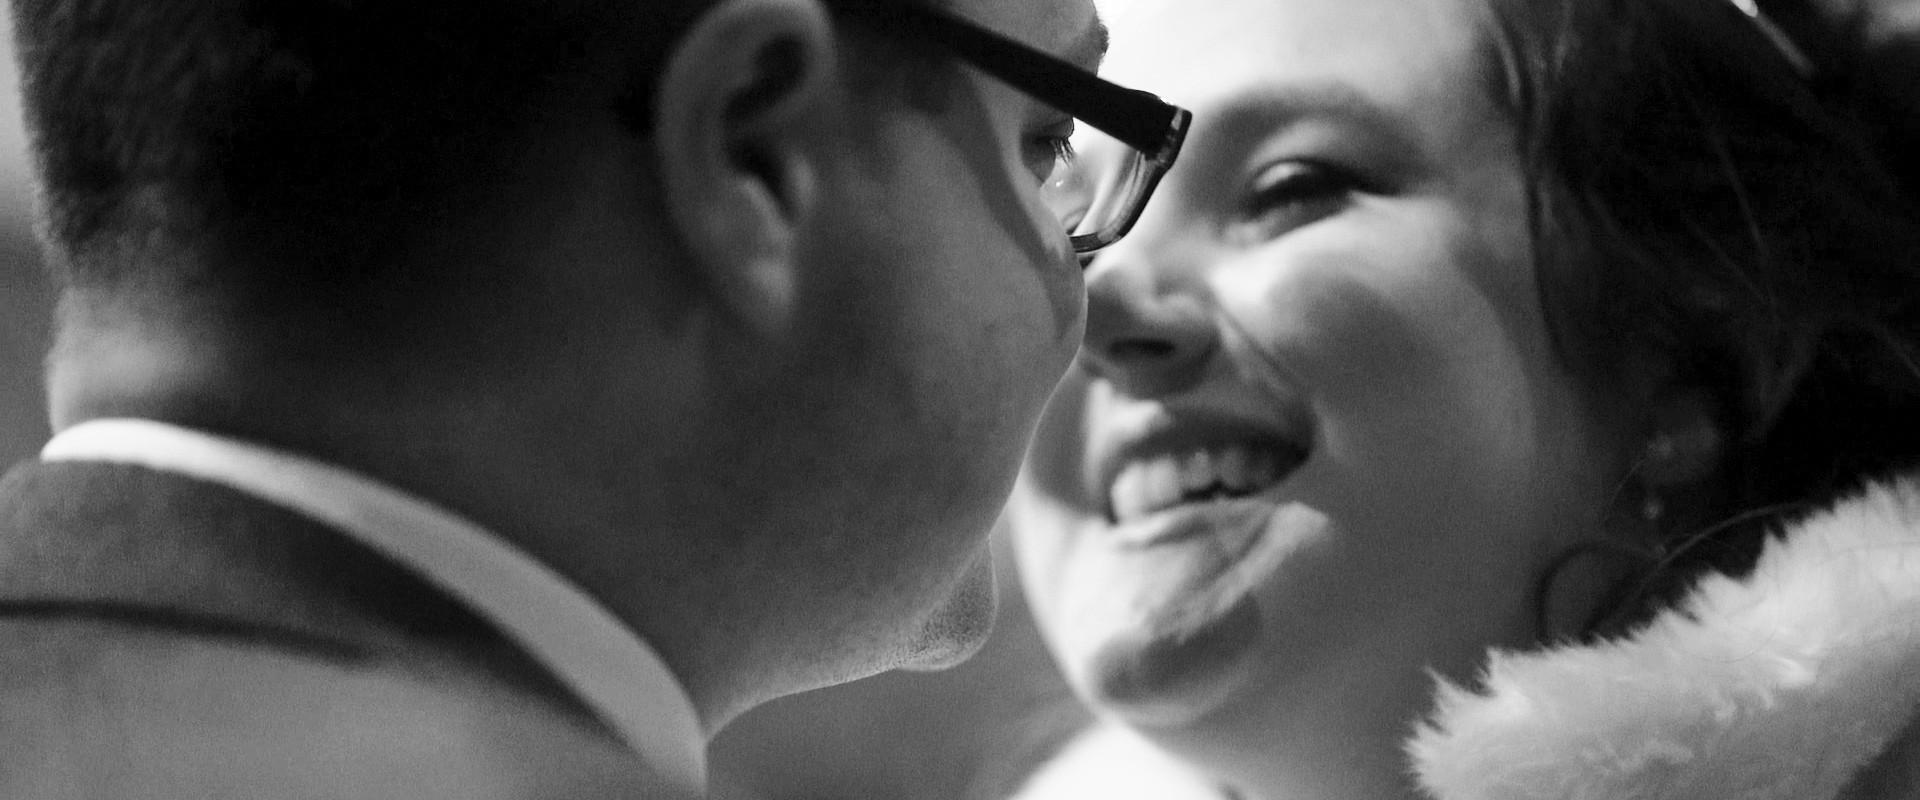 Wedding-ShortFilm-BW.00_06_29_08.Still05